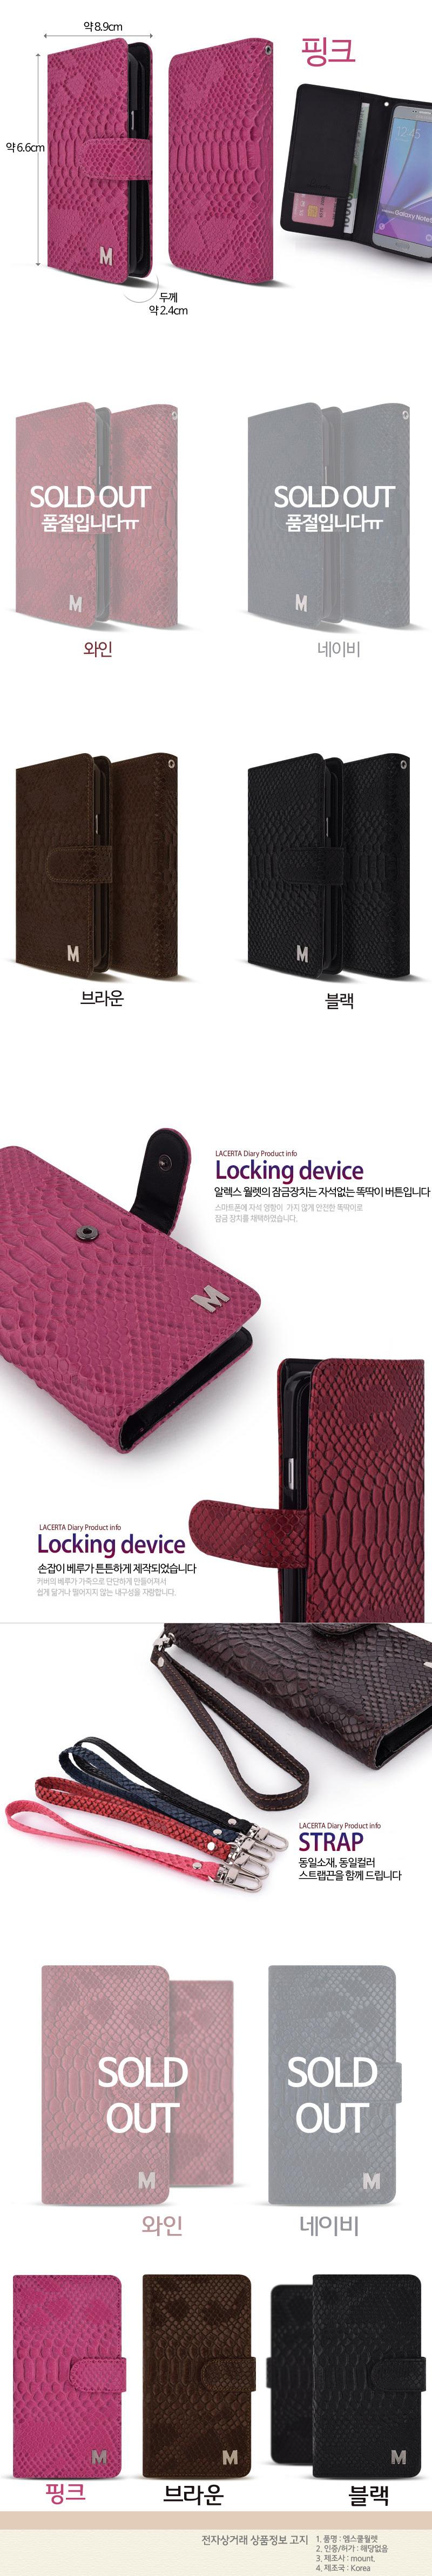 Vỏ điện thoại thiết kế Hàn Quốc - VDT104